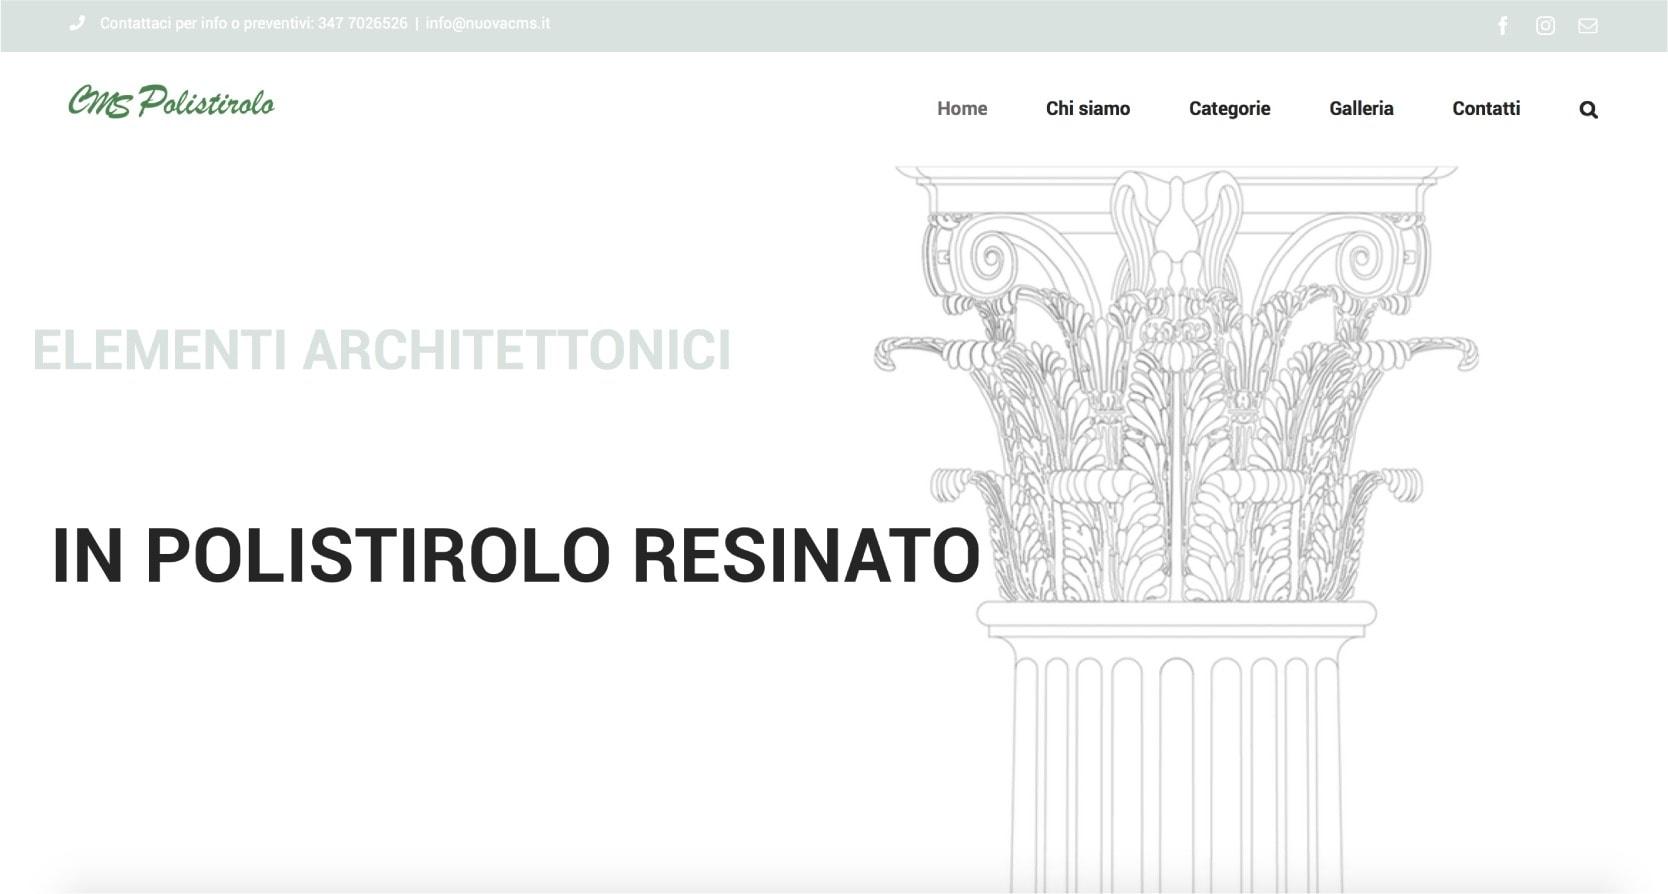 Leonteweb di Sara Cosimano Sito internet Nuova cms Sito internet Catalogo Grafica Pubblicitaria Logo